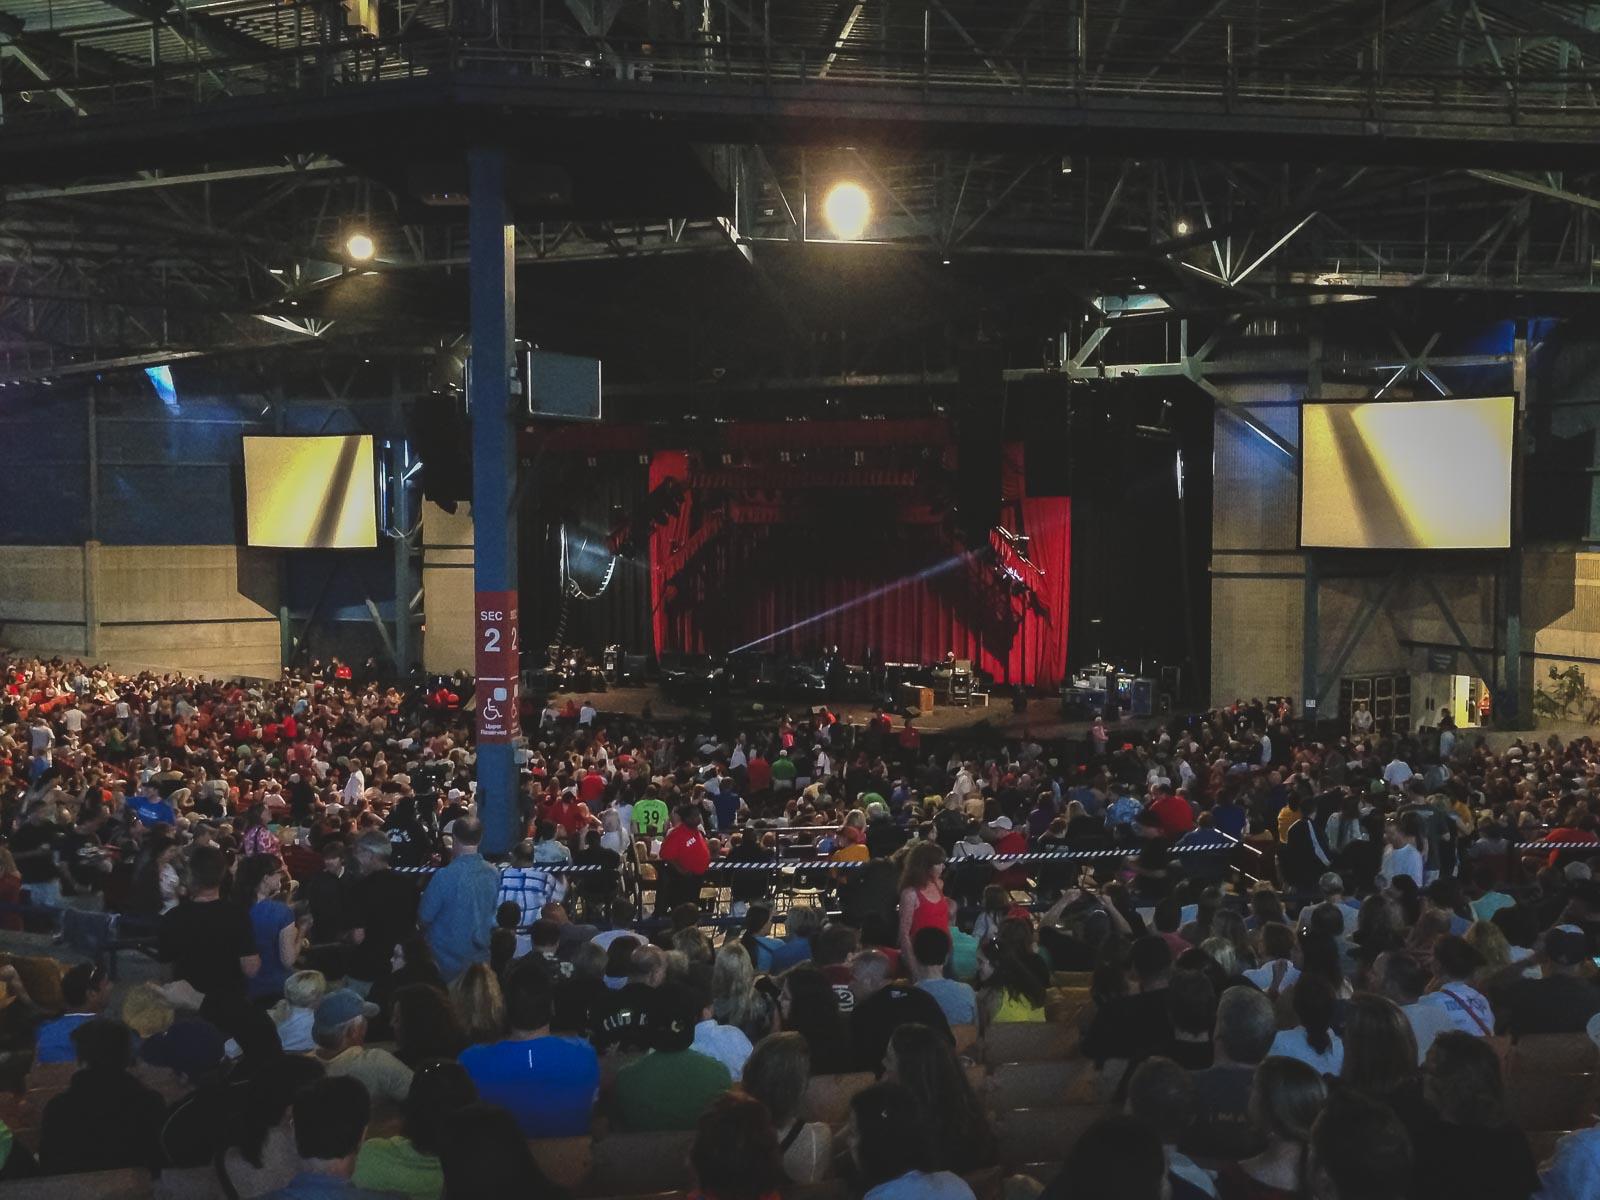 Summerfest Concert Venue in Milwaukee, Wisconsin